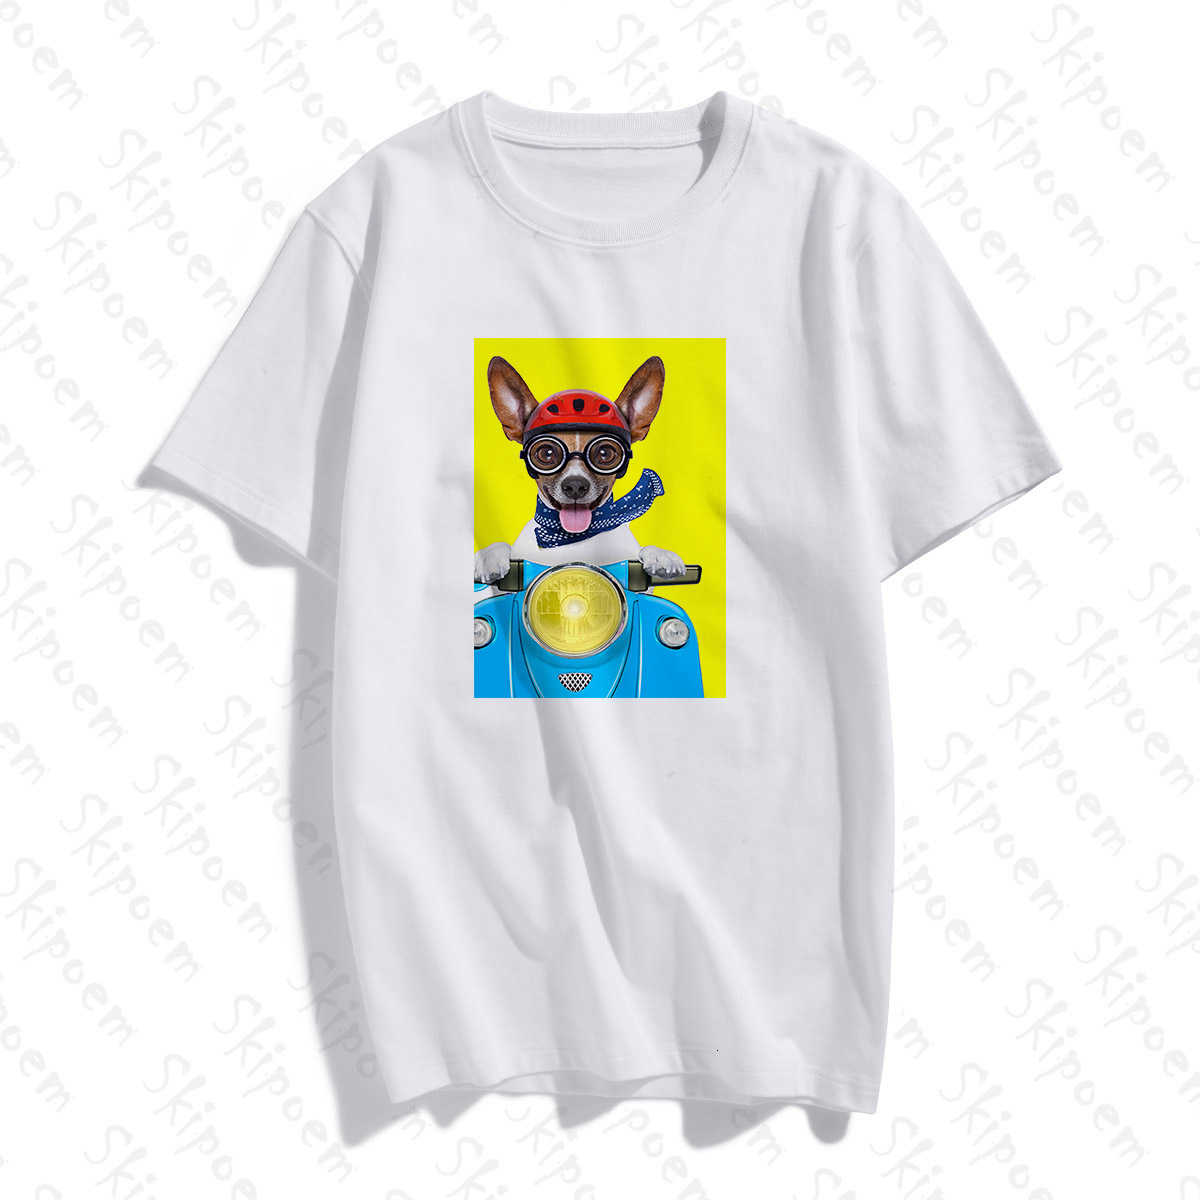 Ngộ Nghĩnh Đạp Xe Chó Áo Nữ Vintage Thẩm Mỹ Harajuku Kawaii Gothic Plus Bông Áo Thun Tay Ngắn In Chữ Femme Dạo Phố